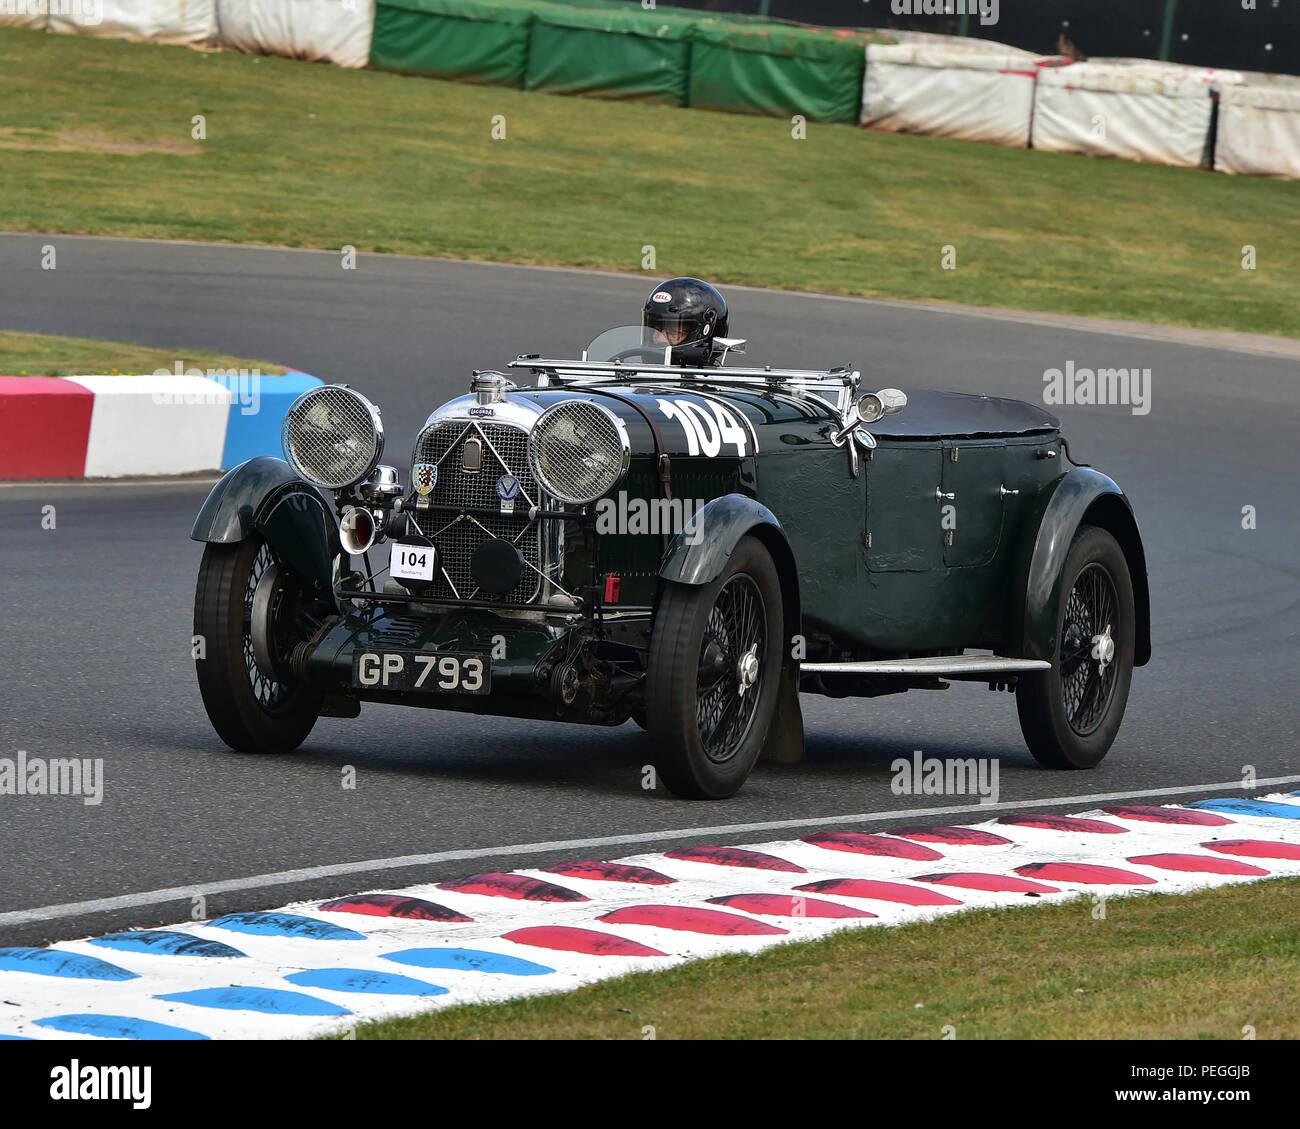 Wadsworth Motor Cars >> Wadsworth Motor Cars - impremedia.net